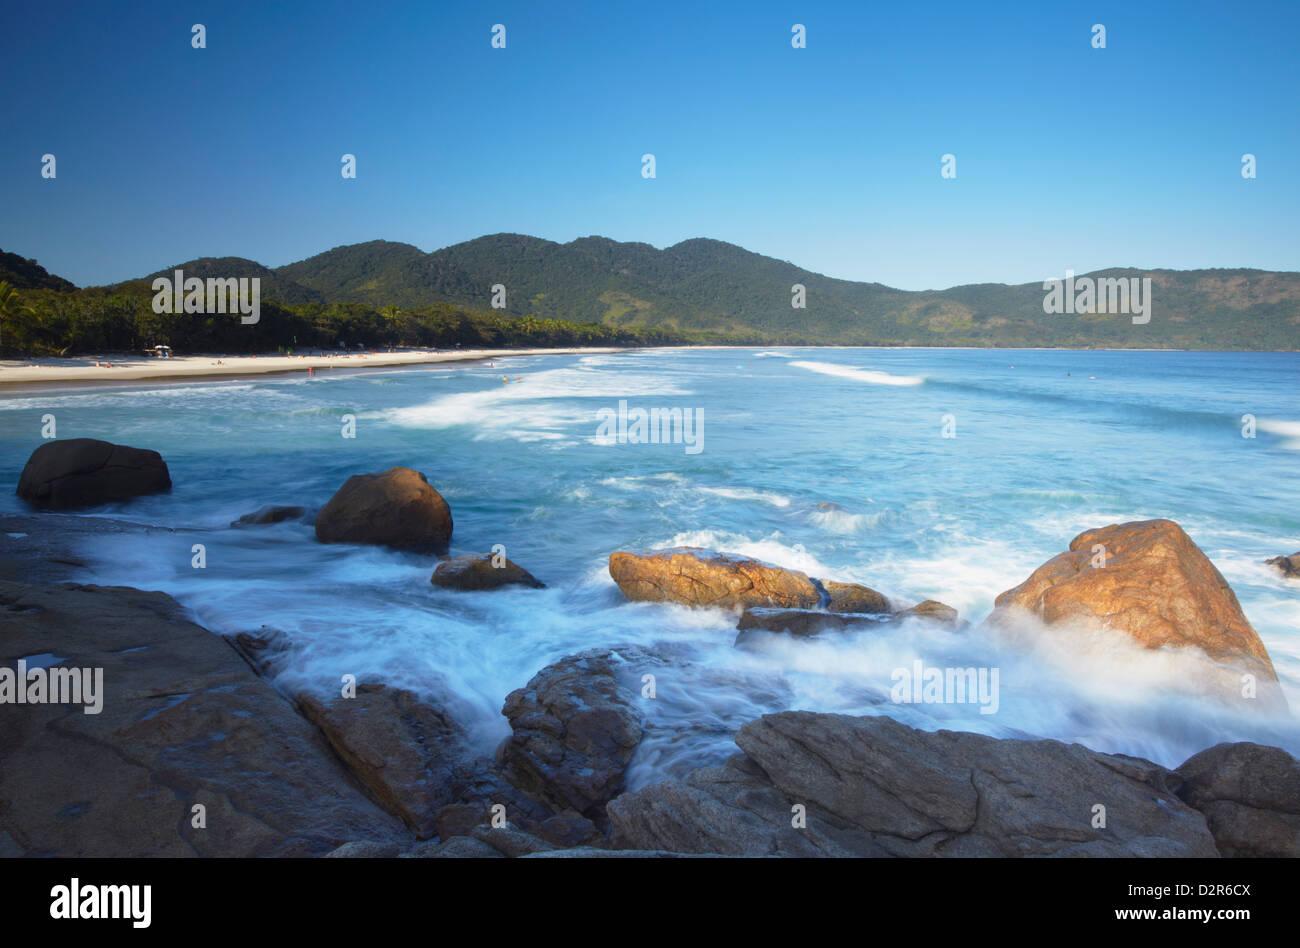 Lopes Mendes beach, Ilha Grande, Stato di Rio de Janeiro, Brasile, Sud America Immagini Stock